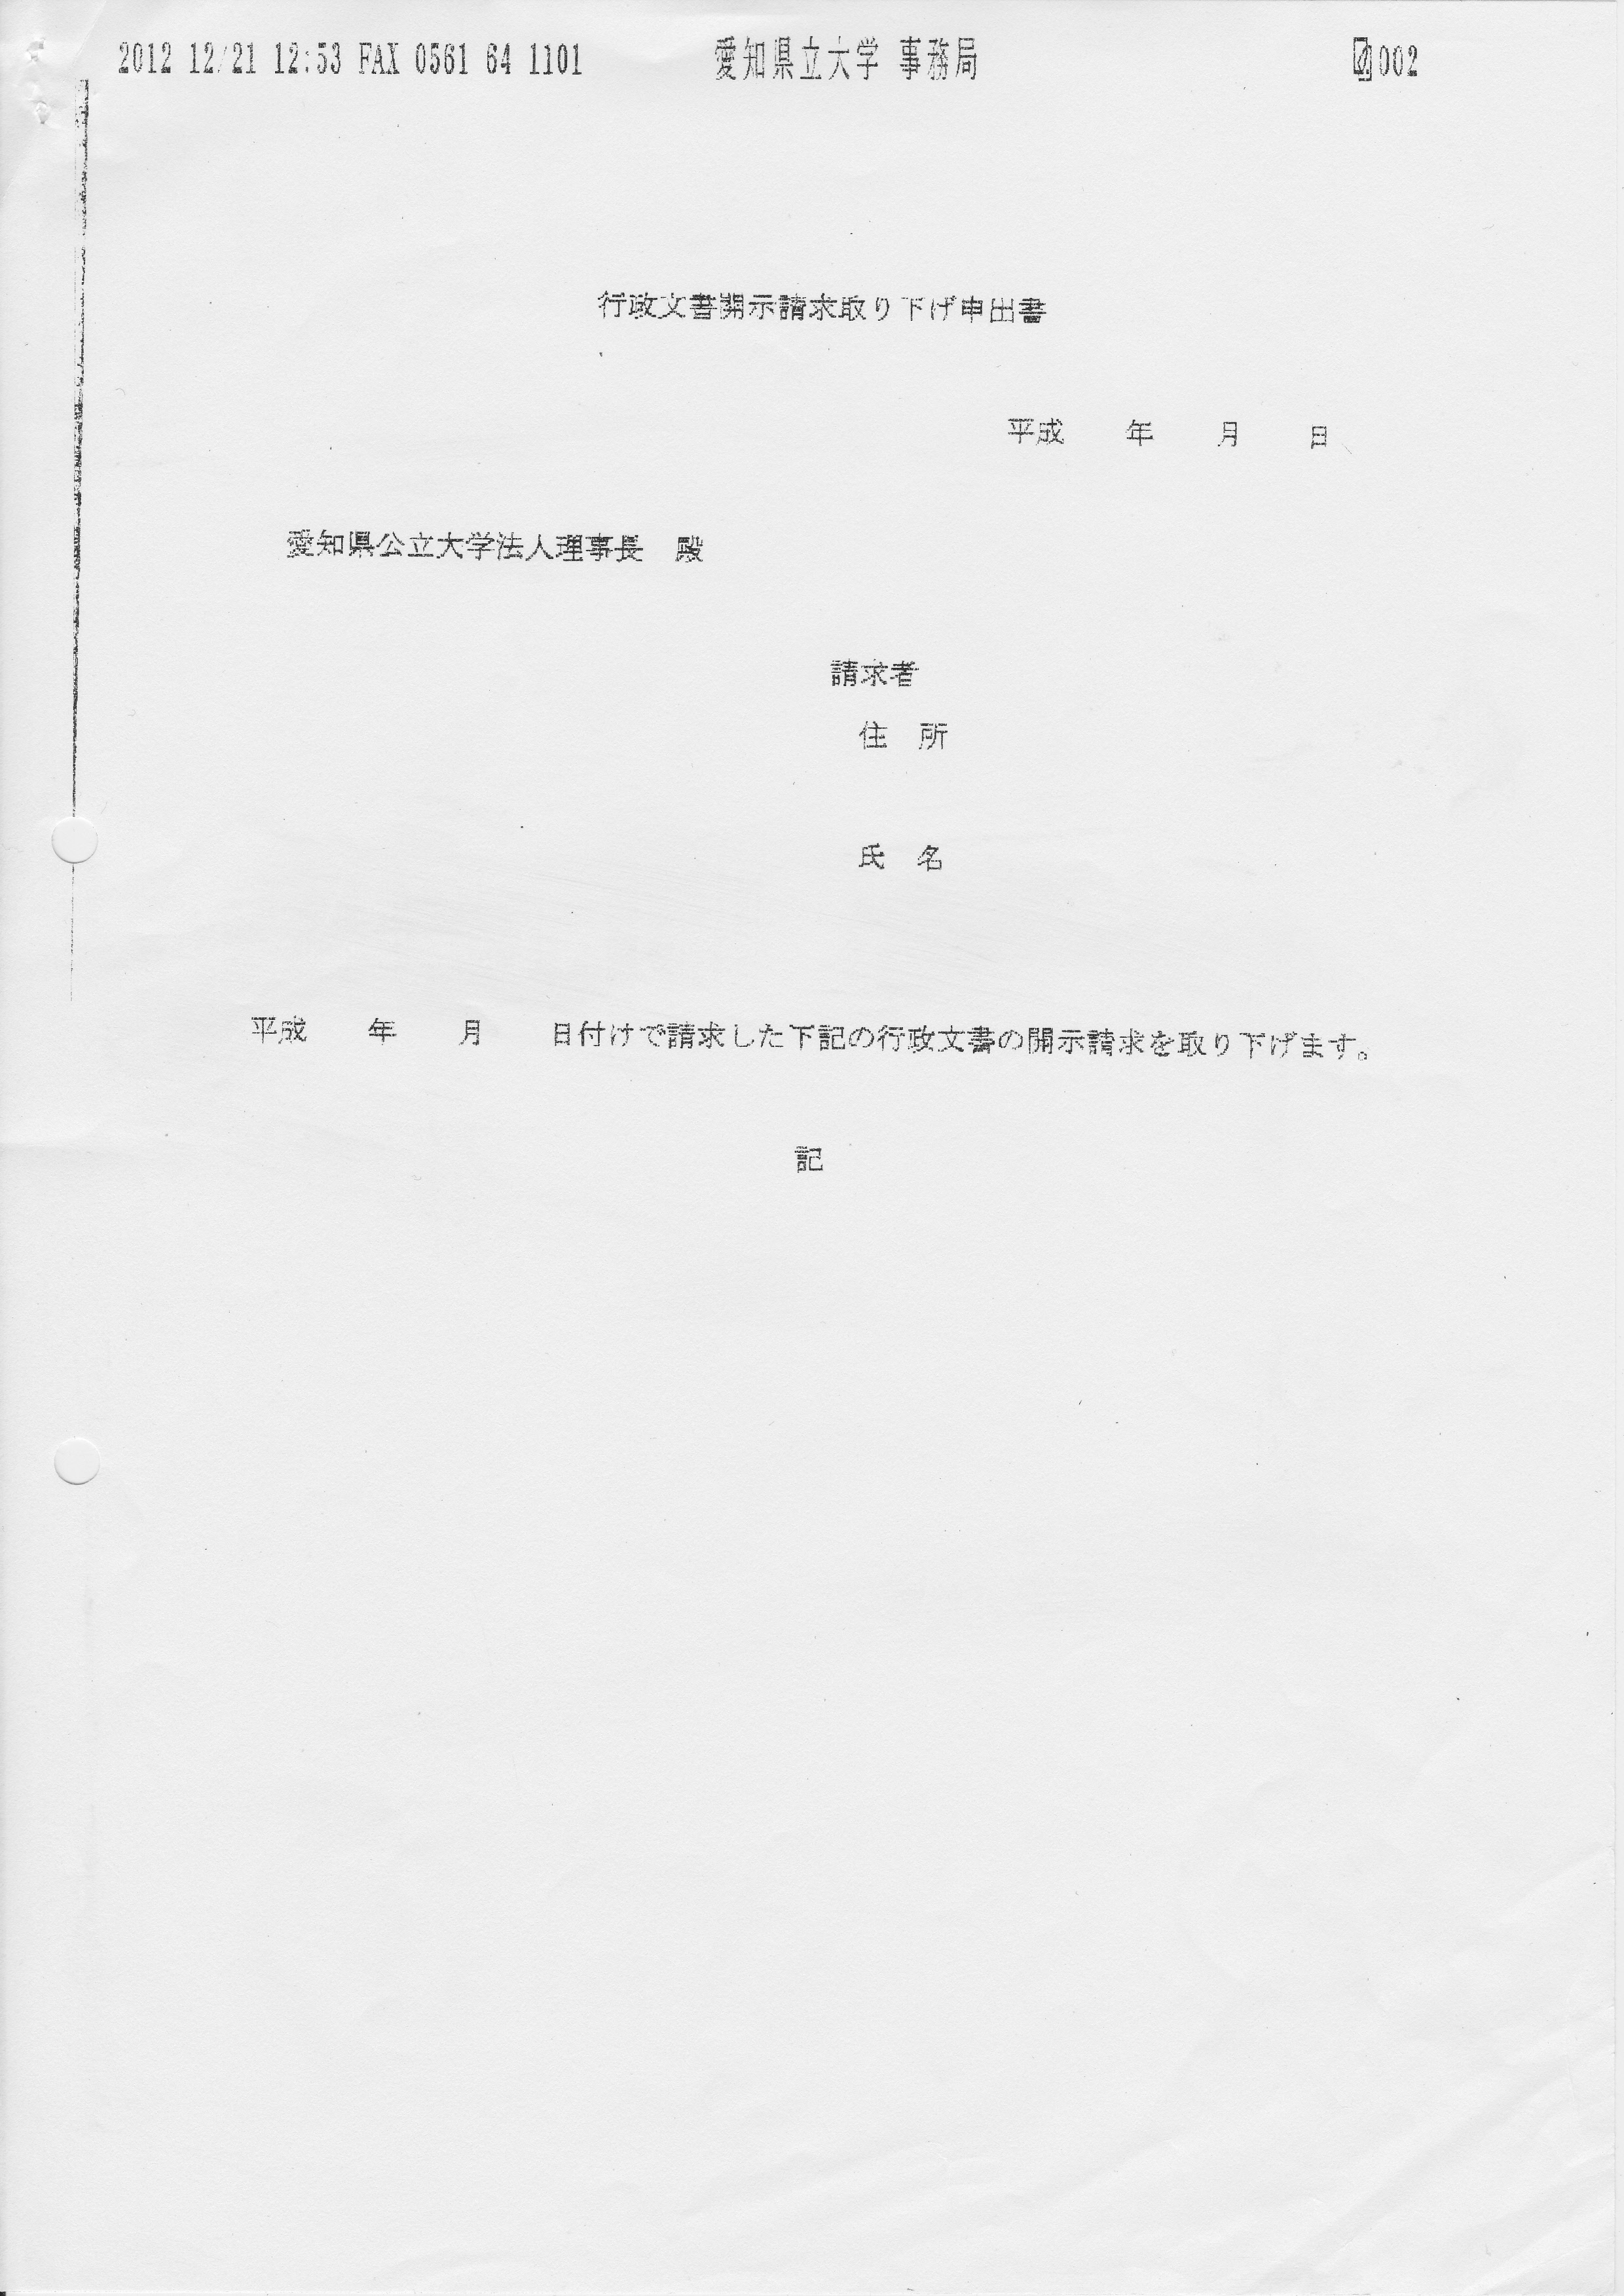 愛芸201221取り下げ申出書